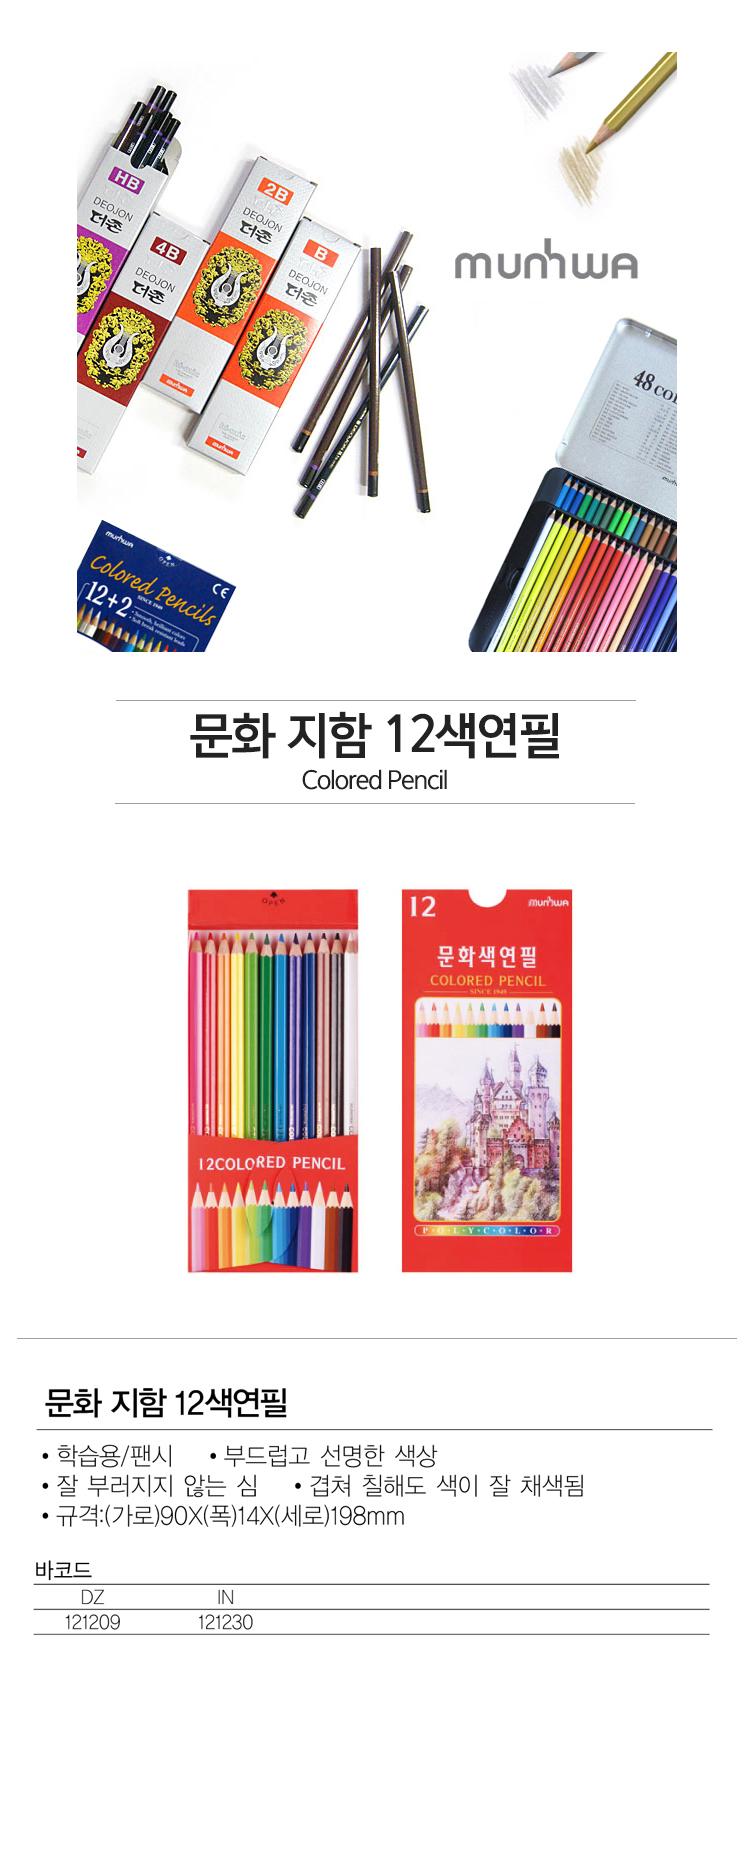 문화 색연필 지함 12색 - 오피스허브, 4,000원, 색연필/사인펜/크레파스, 색연필